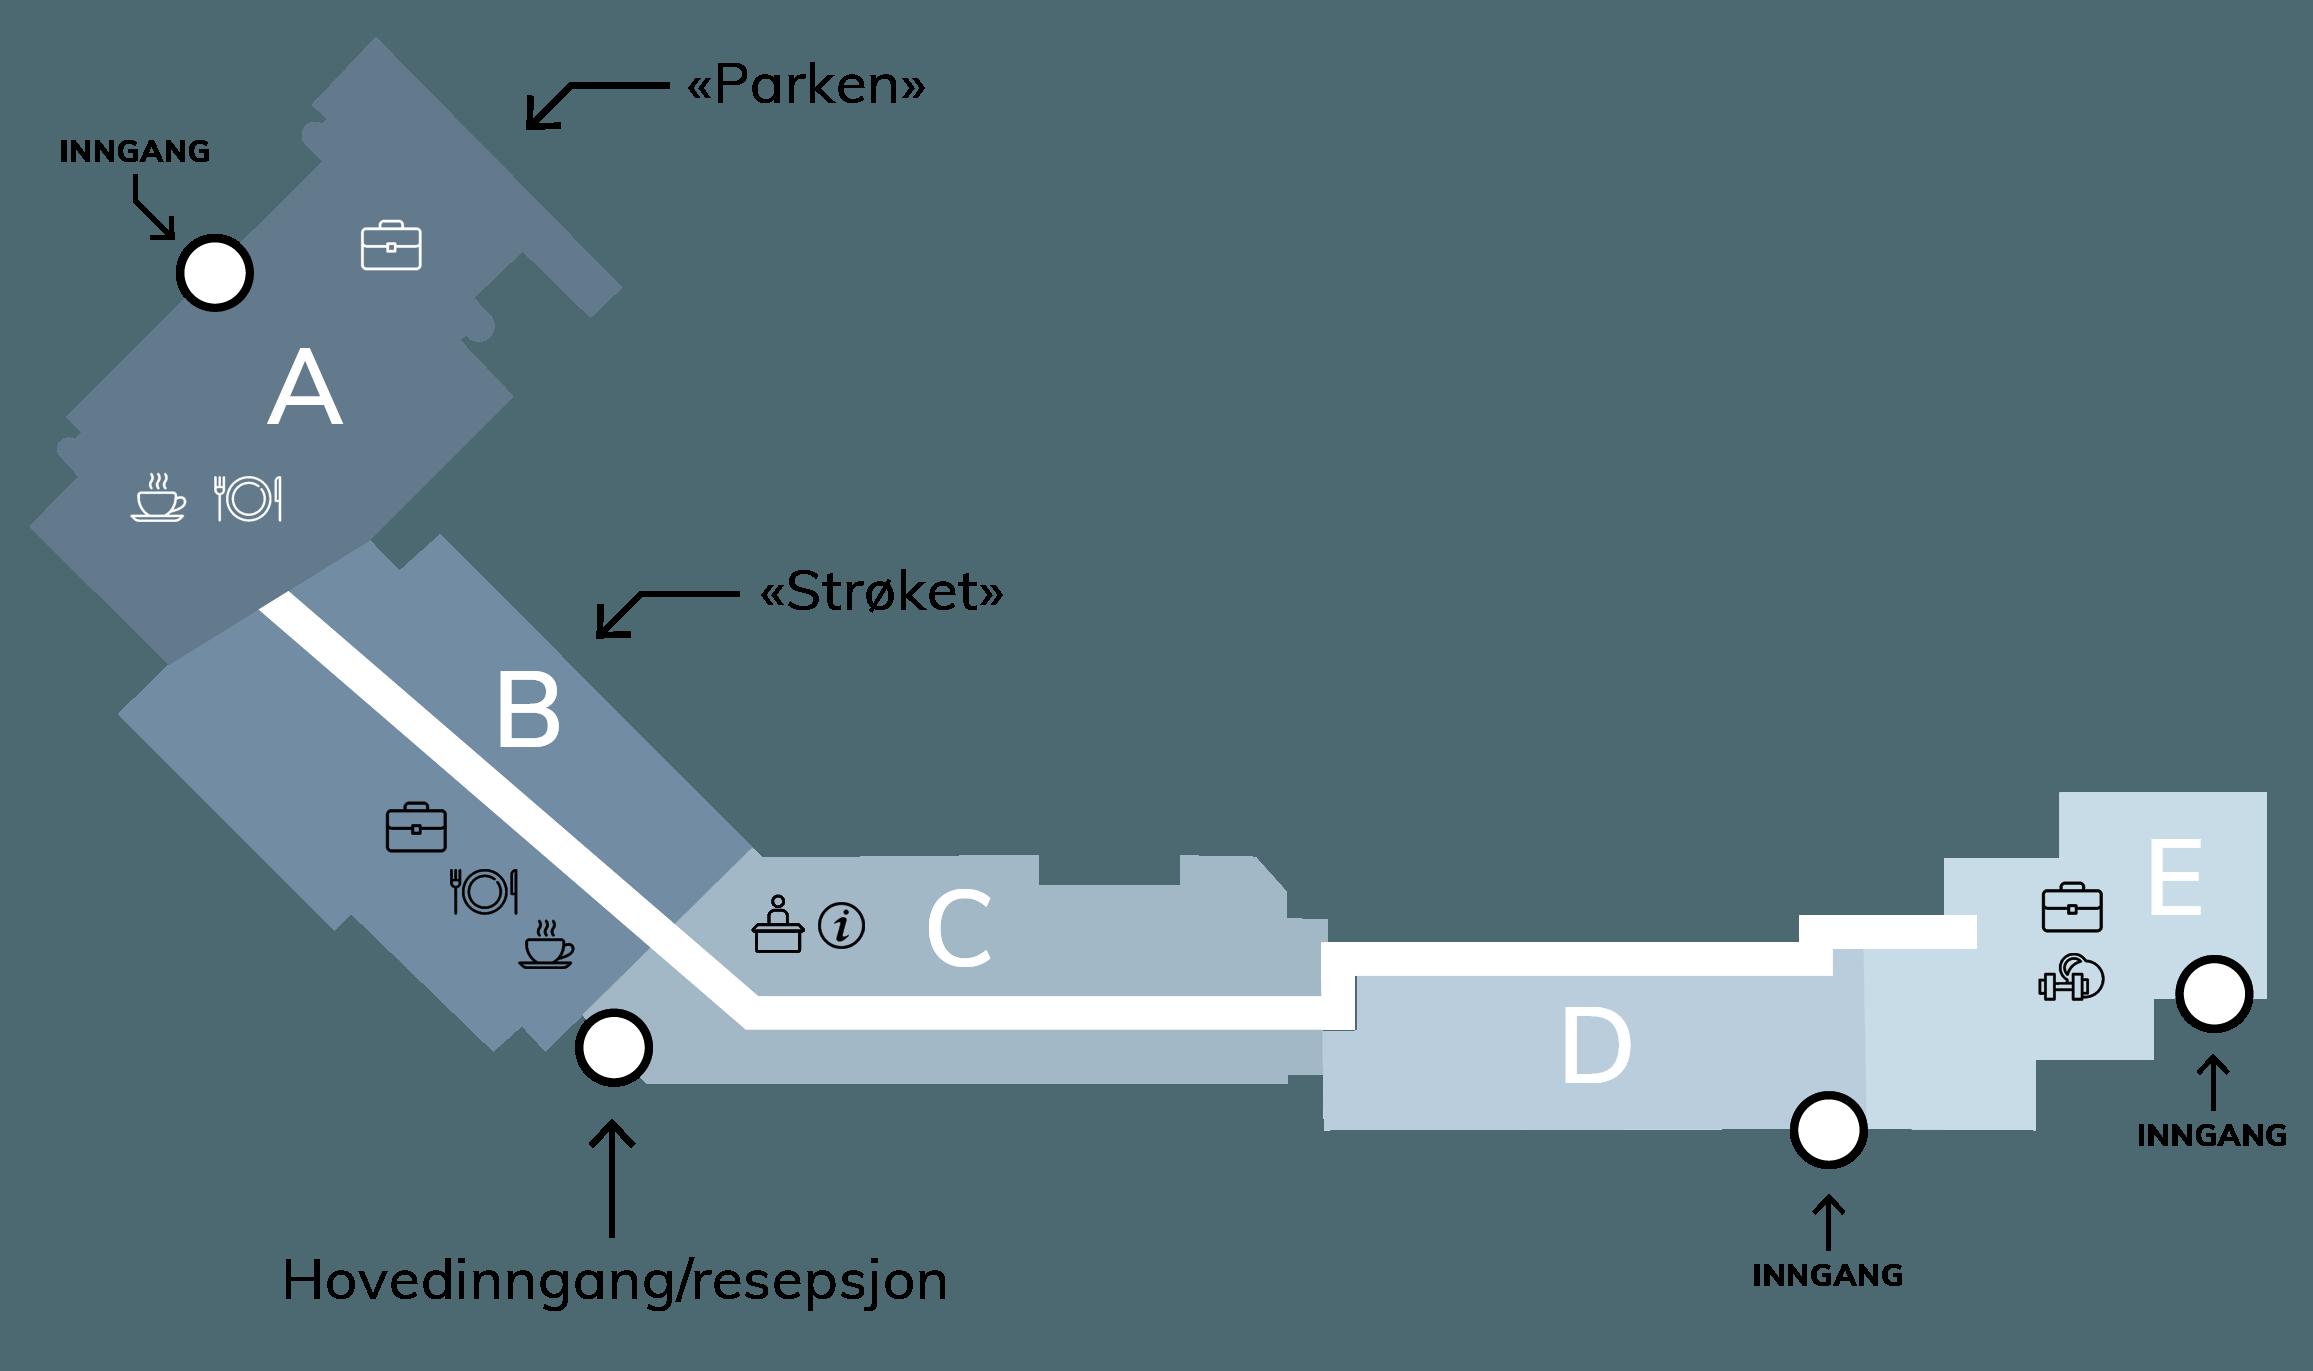 Kart over bygget, inndelt i bygg A, B, C, D og E.